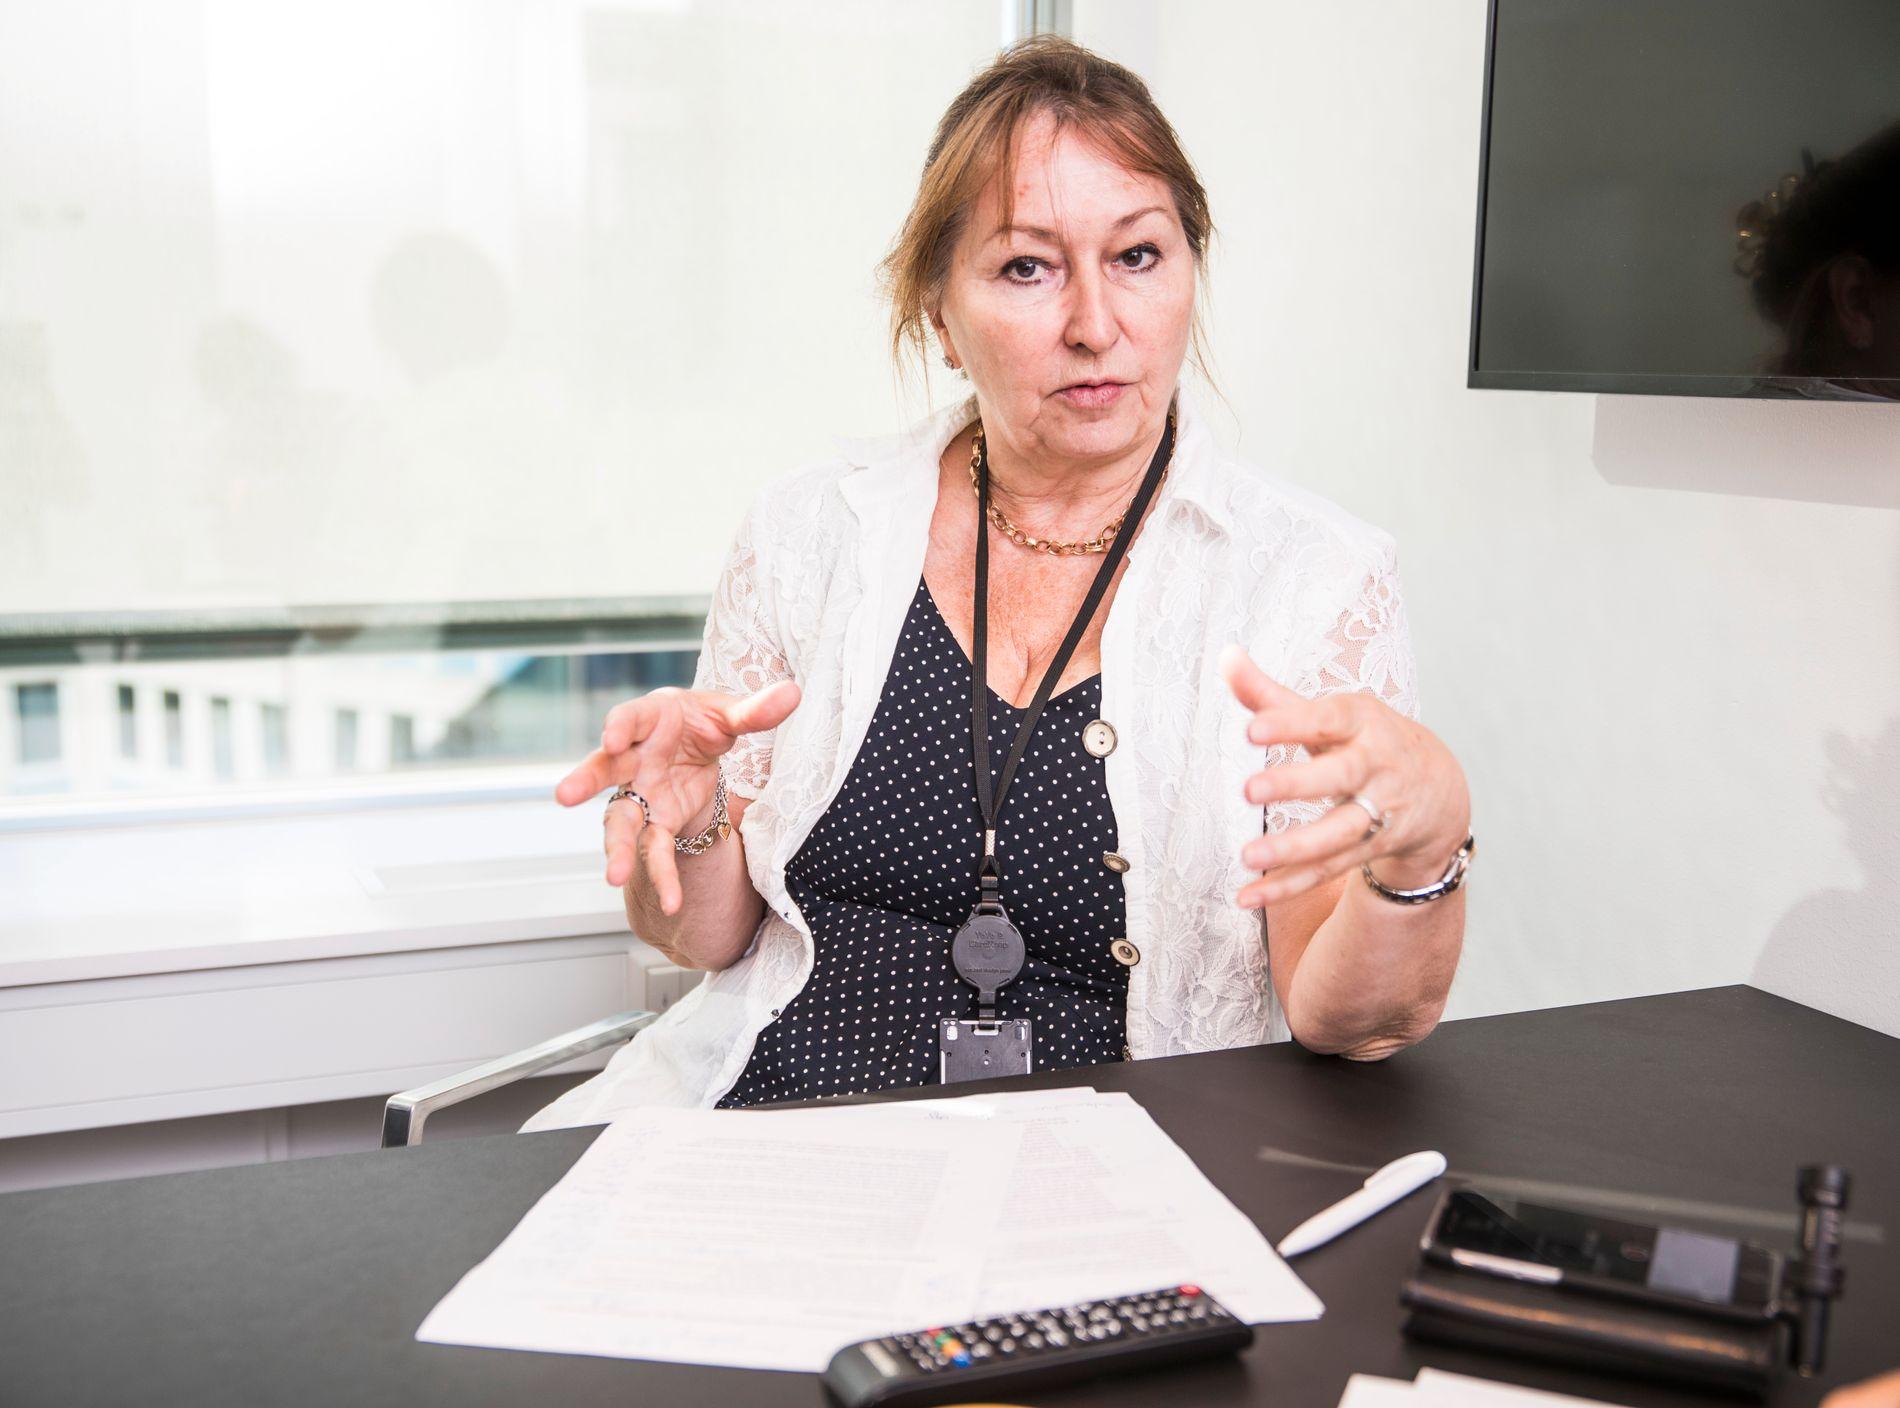 VIL REFORMERE: KS-leder Gunn Marit Helgesen mener særaldersgrensene for pensjon er utdatert.